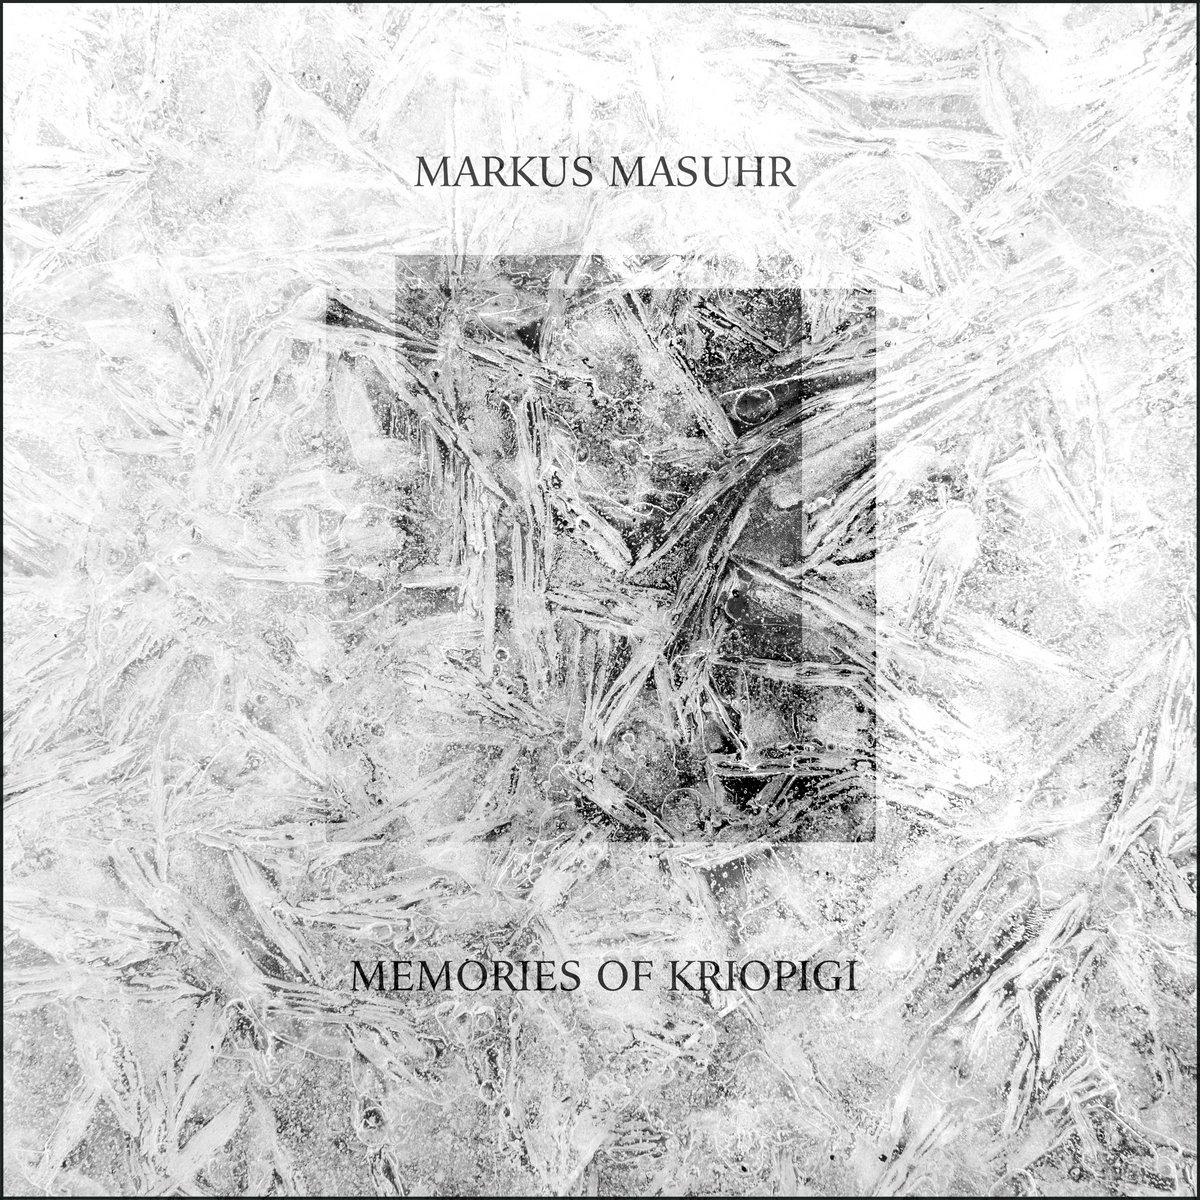 Markus Masuhr – Memories of Kriopigi